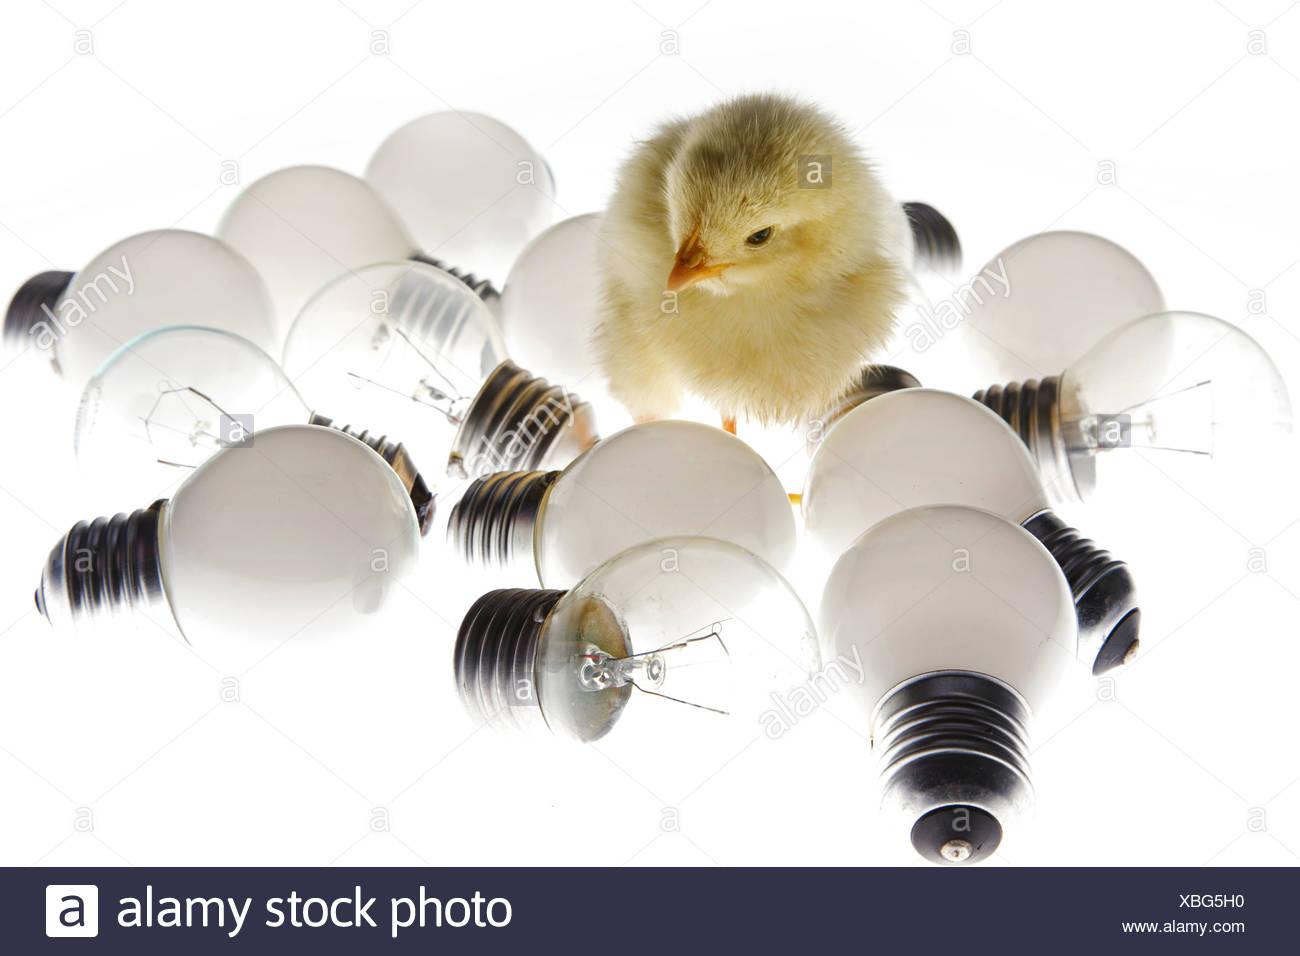 Fellow chick standing among light bulbs - Stock Image